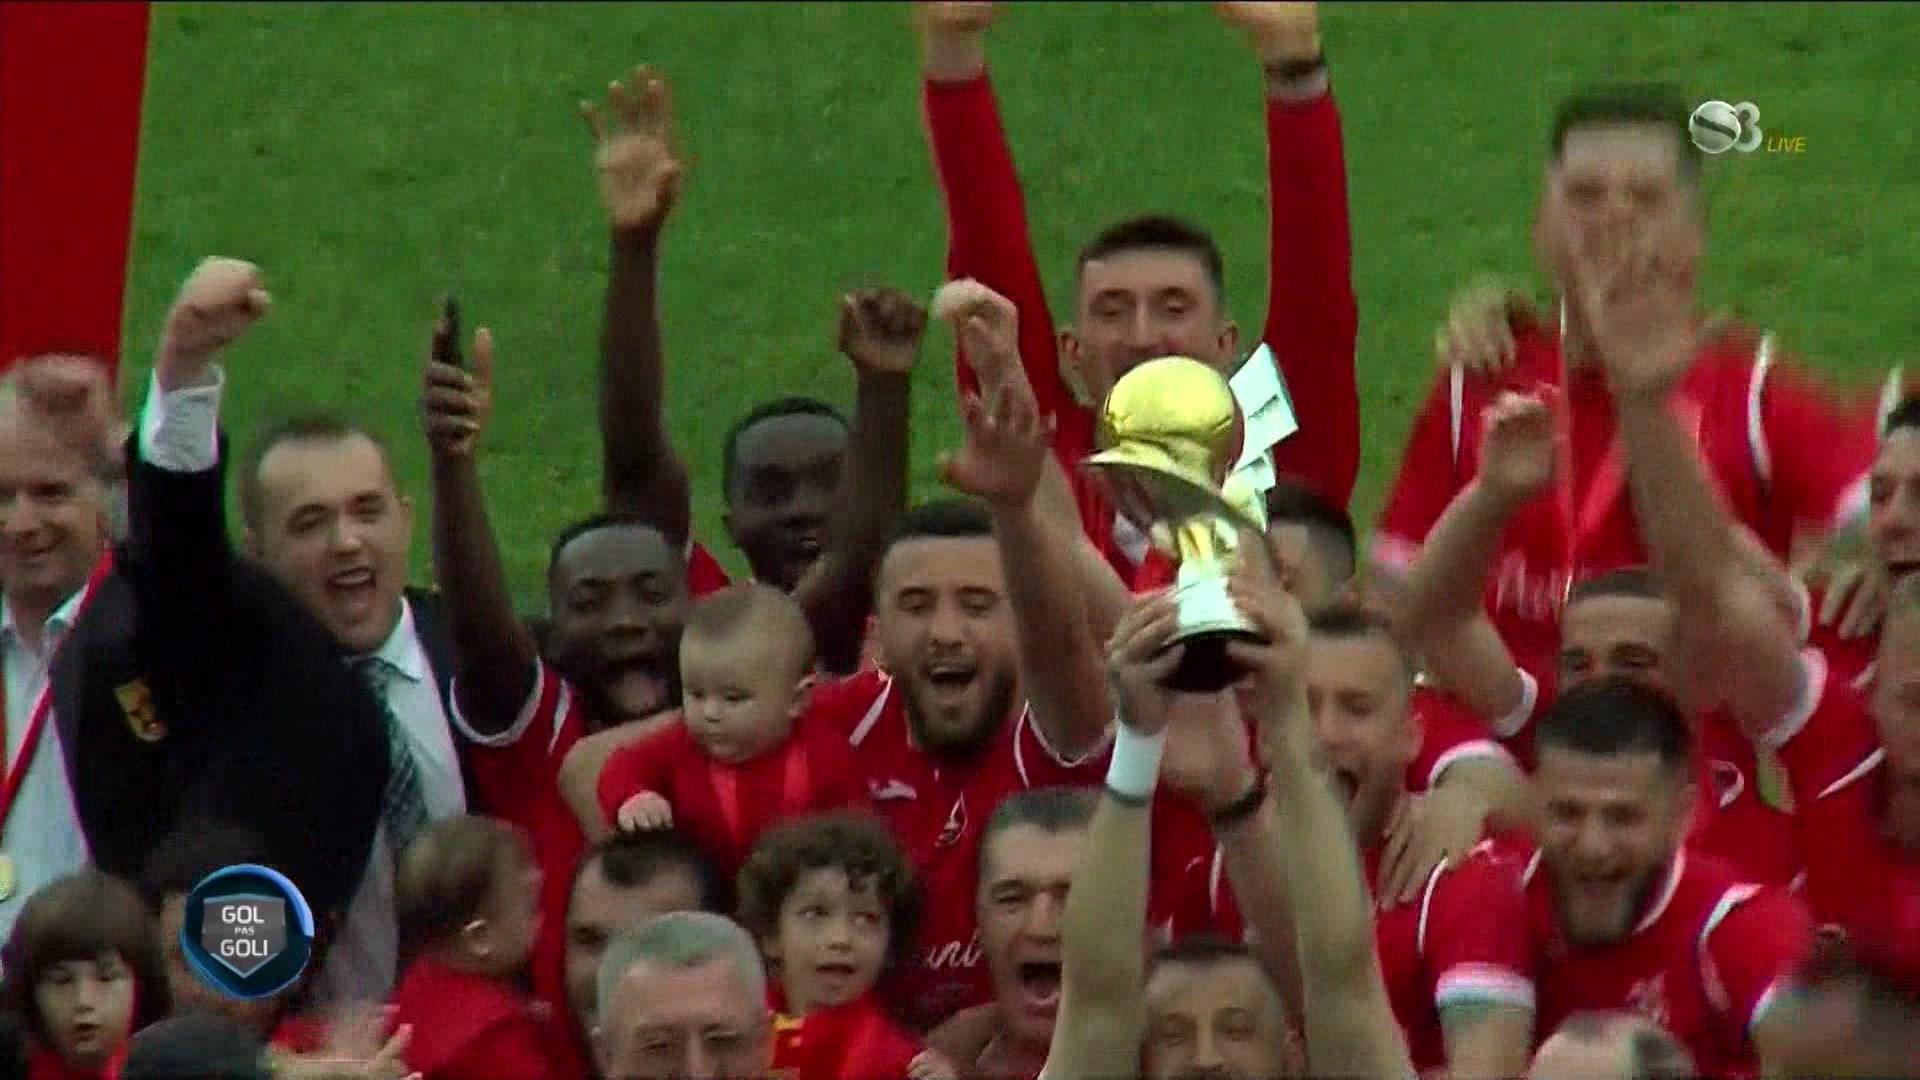 Klubet shqiptare kërkojnë premio më të madhe për ekipin kampion